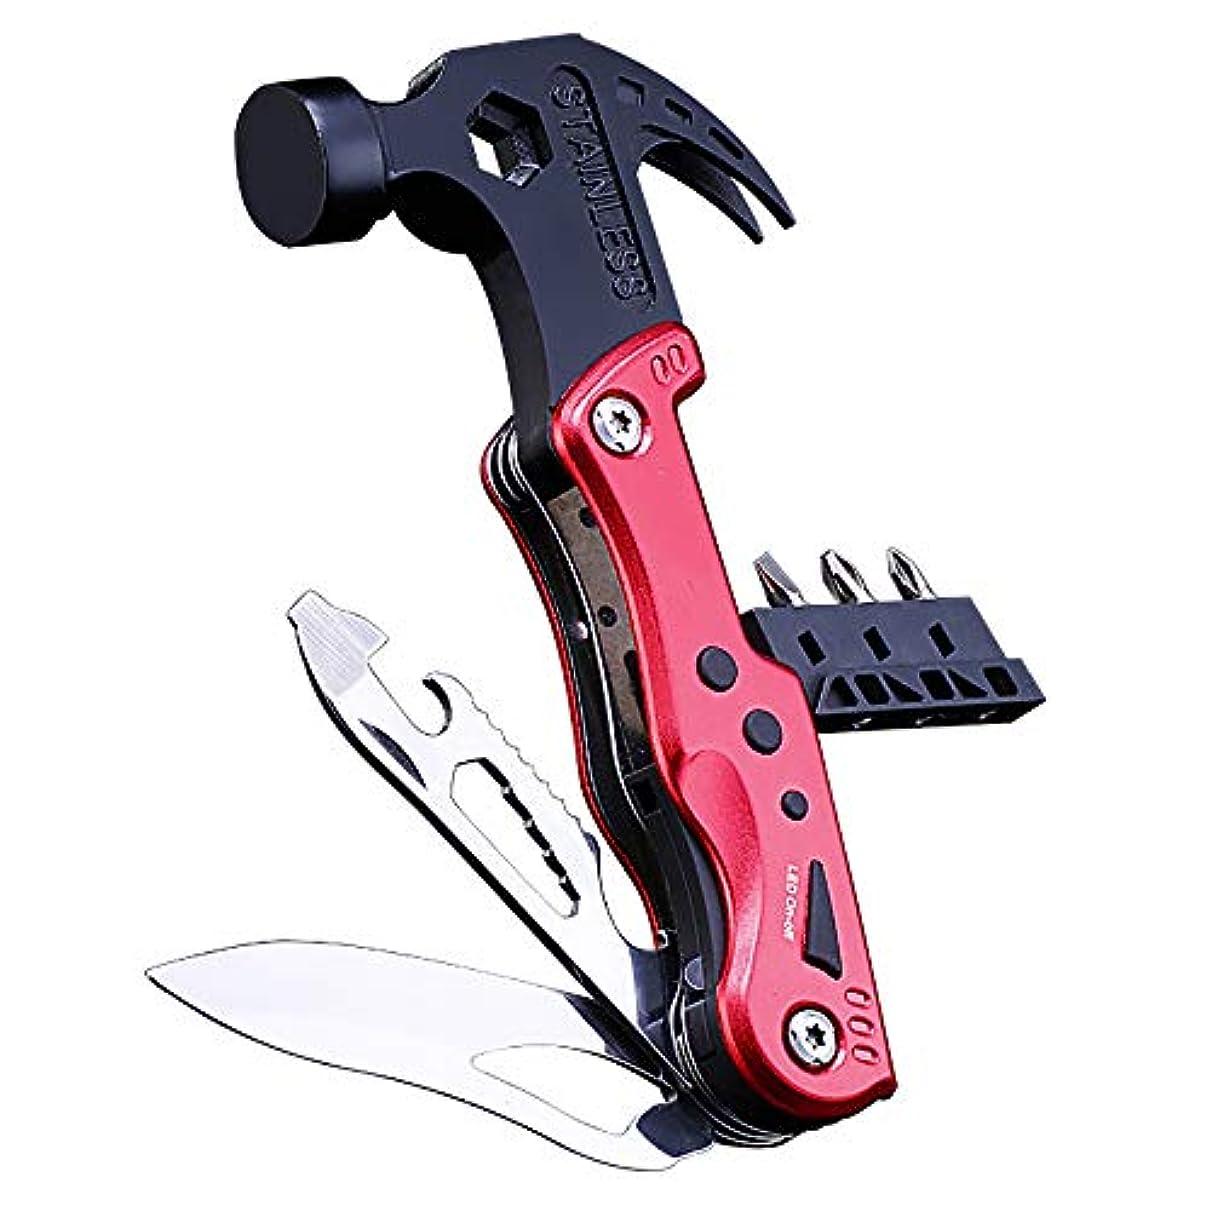 終了するやりがいのある毒性庭斧軸多機能工具ステンレス鋼自動緊急キットツール、安全ハンマースクリュードライブ鋸ナイフ,Red